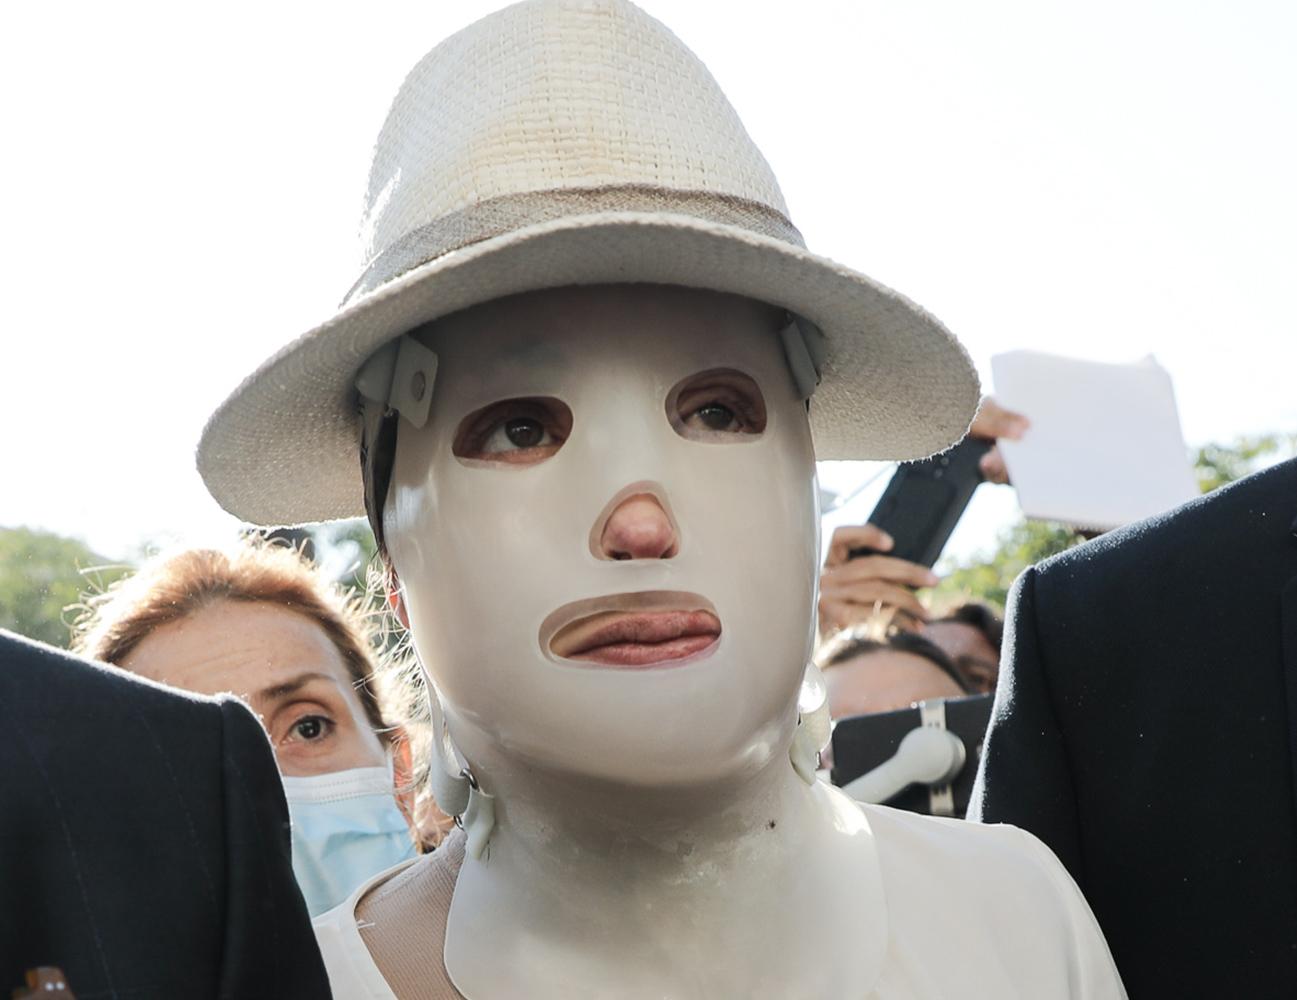 Επίθεση με βιτριόλι: Έφτασε στο δικαστήριο η Ιωάννα Παλιοσπύρου